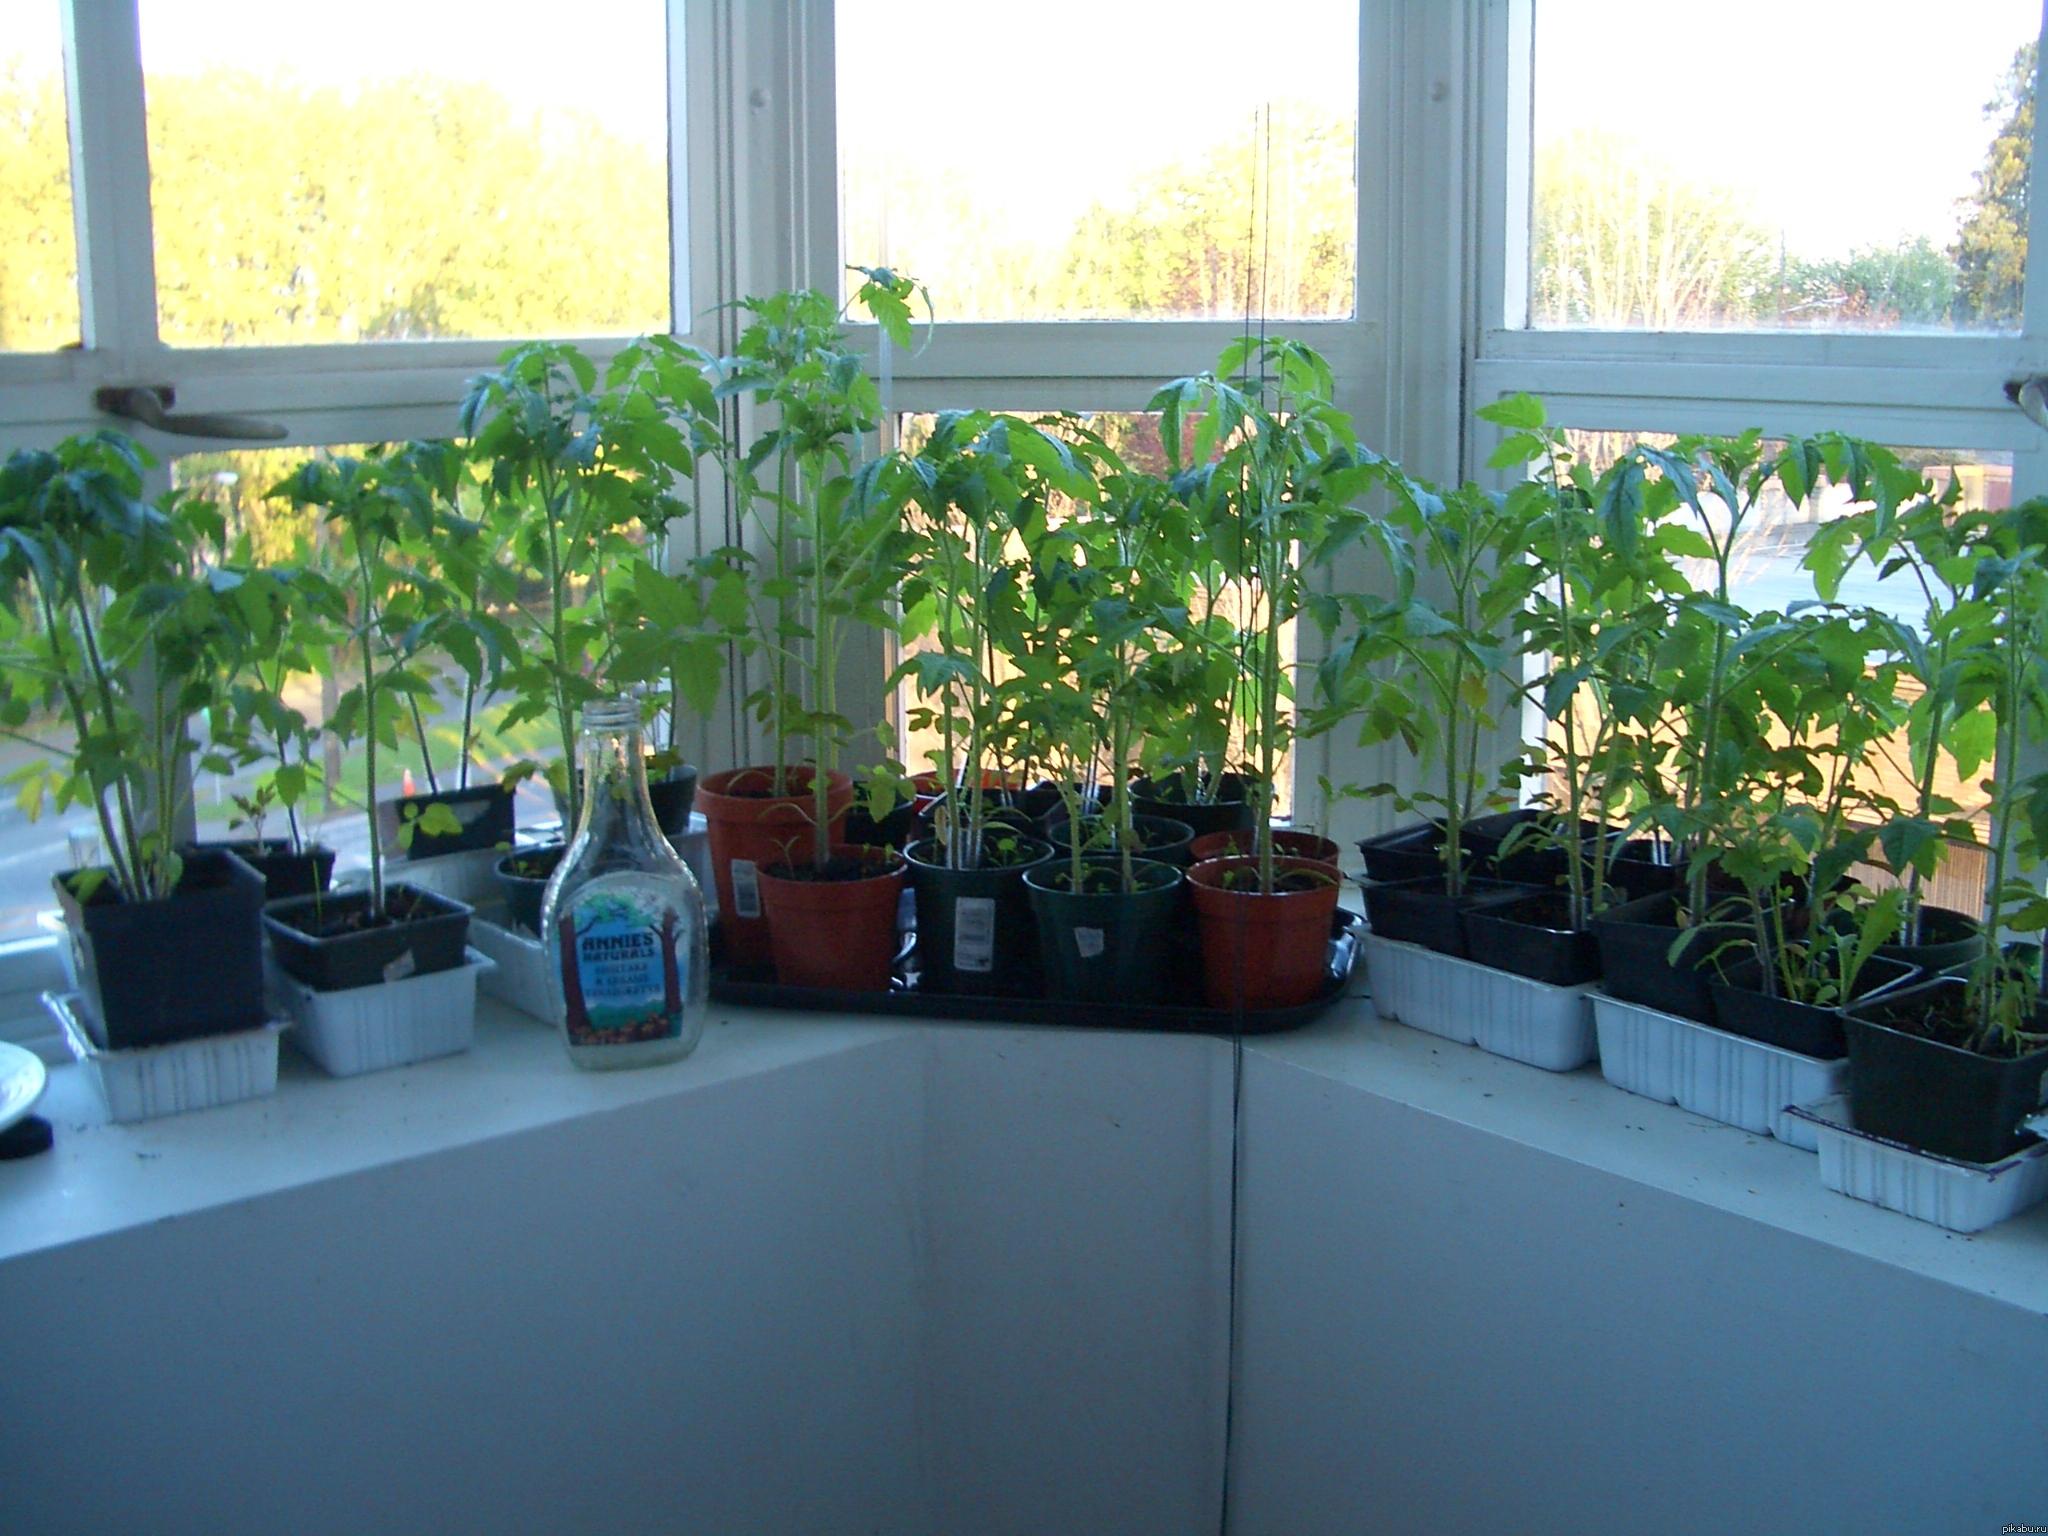 Помидоры на балконе: выращивание в пластиковых бутылках тома.